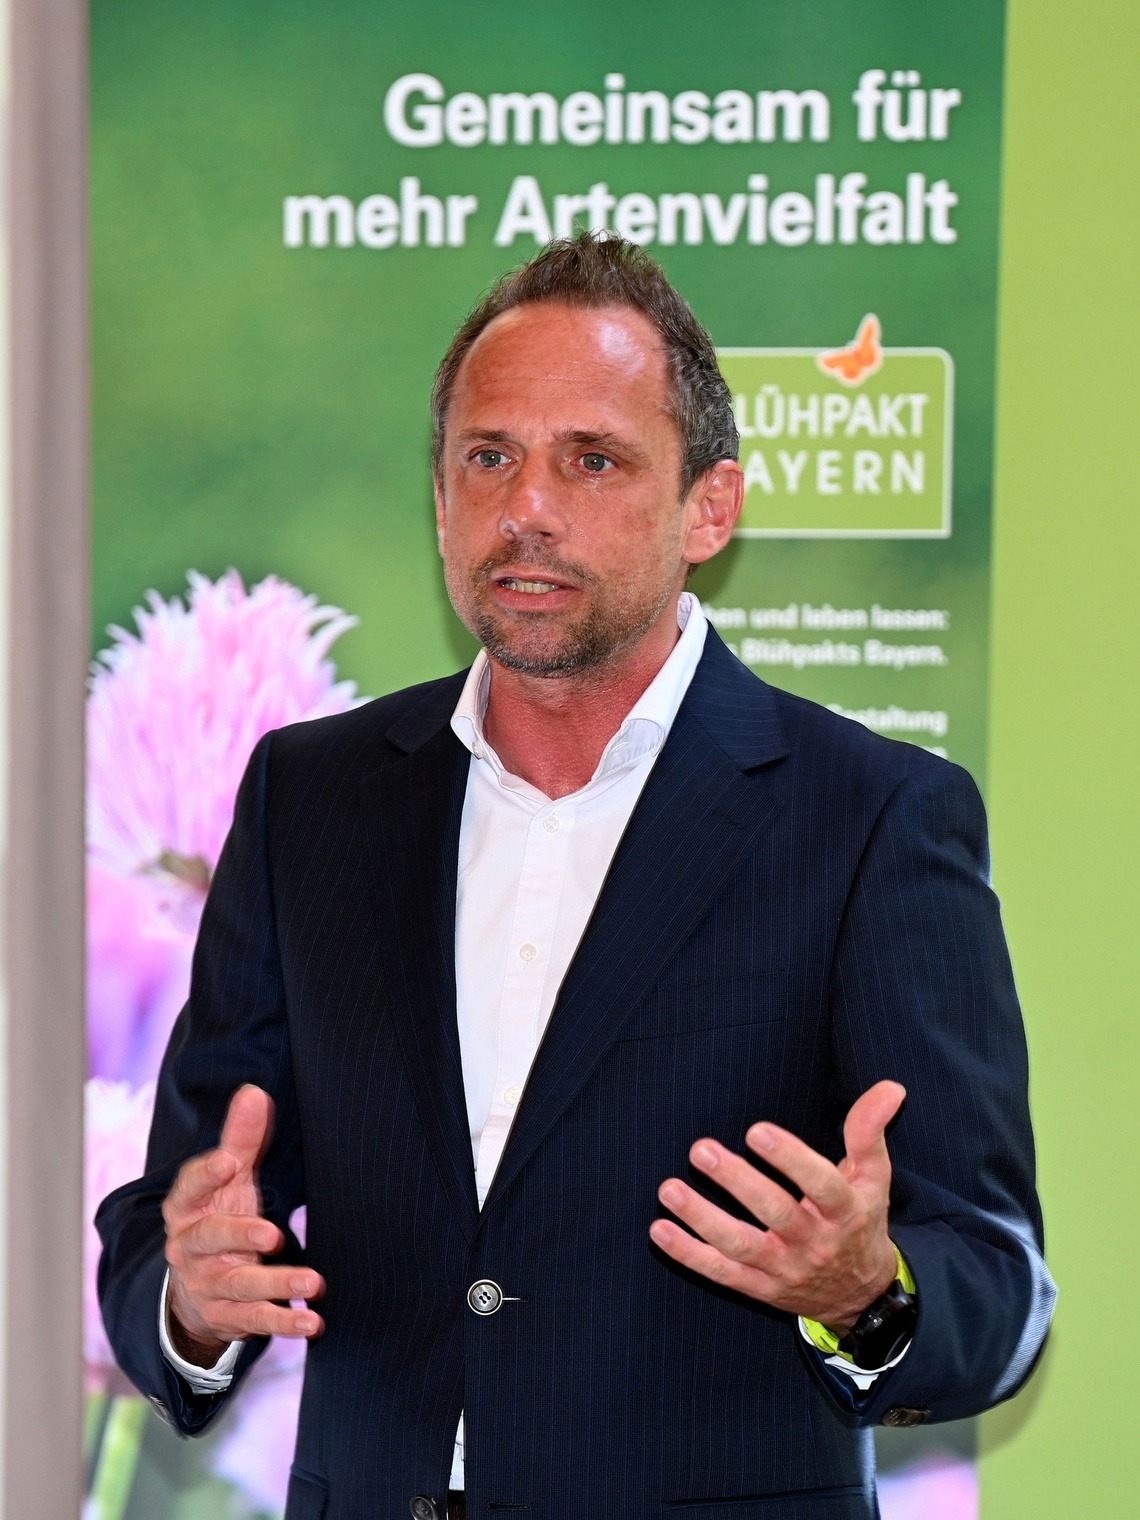 Thorsten Glauber, Bayerischer Staatsminister für Umwelt und Verbraucherschutz, bei der Pressekonferenz im Golfclub München Eichenried. Foto: StMUV / Frank Föhlinger